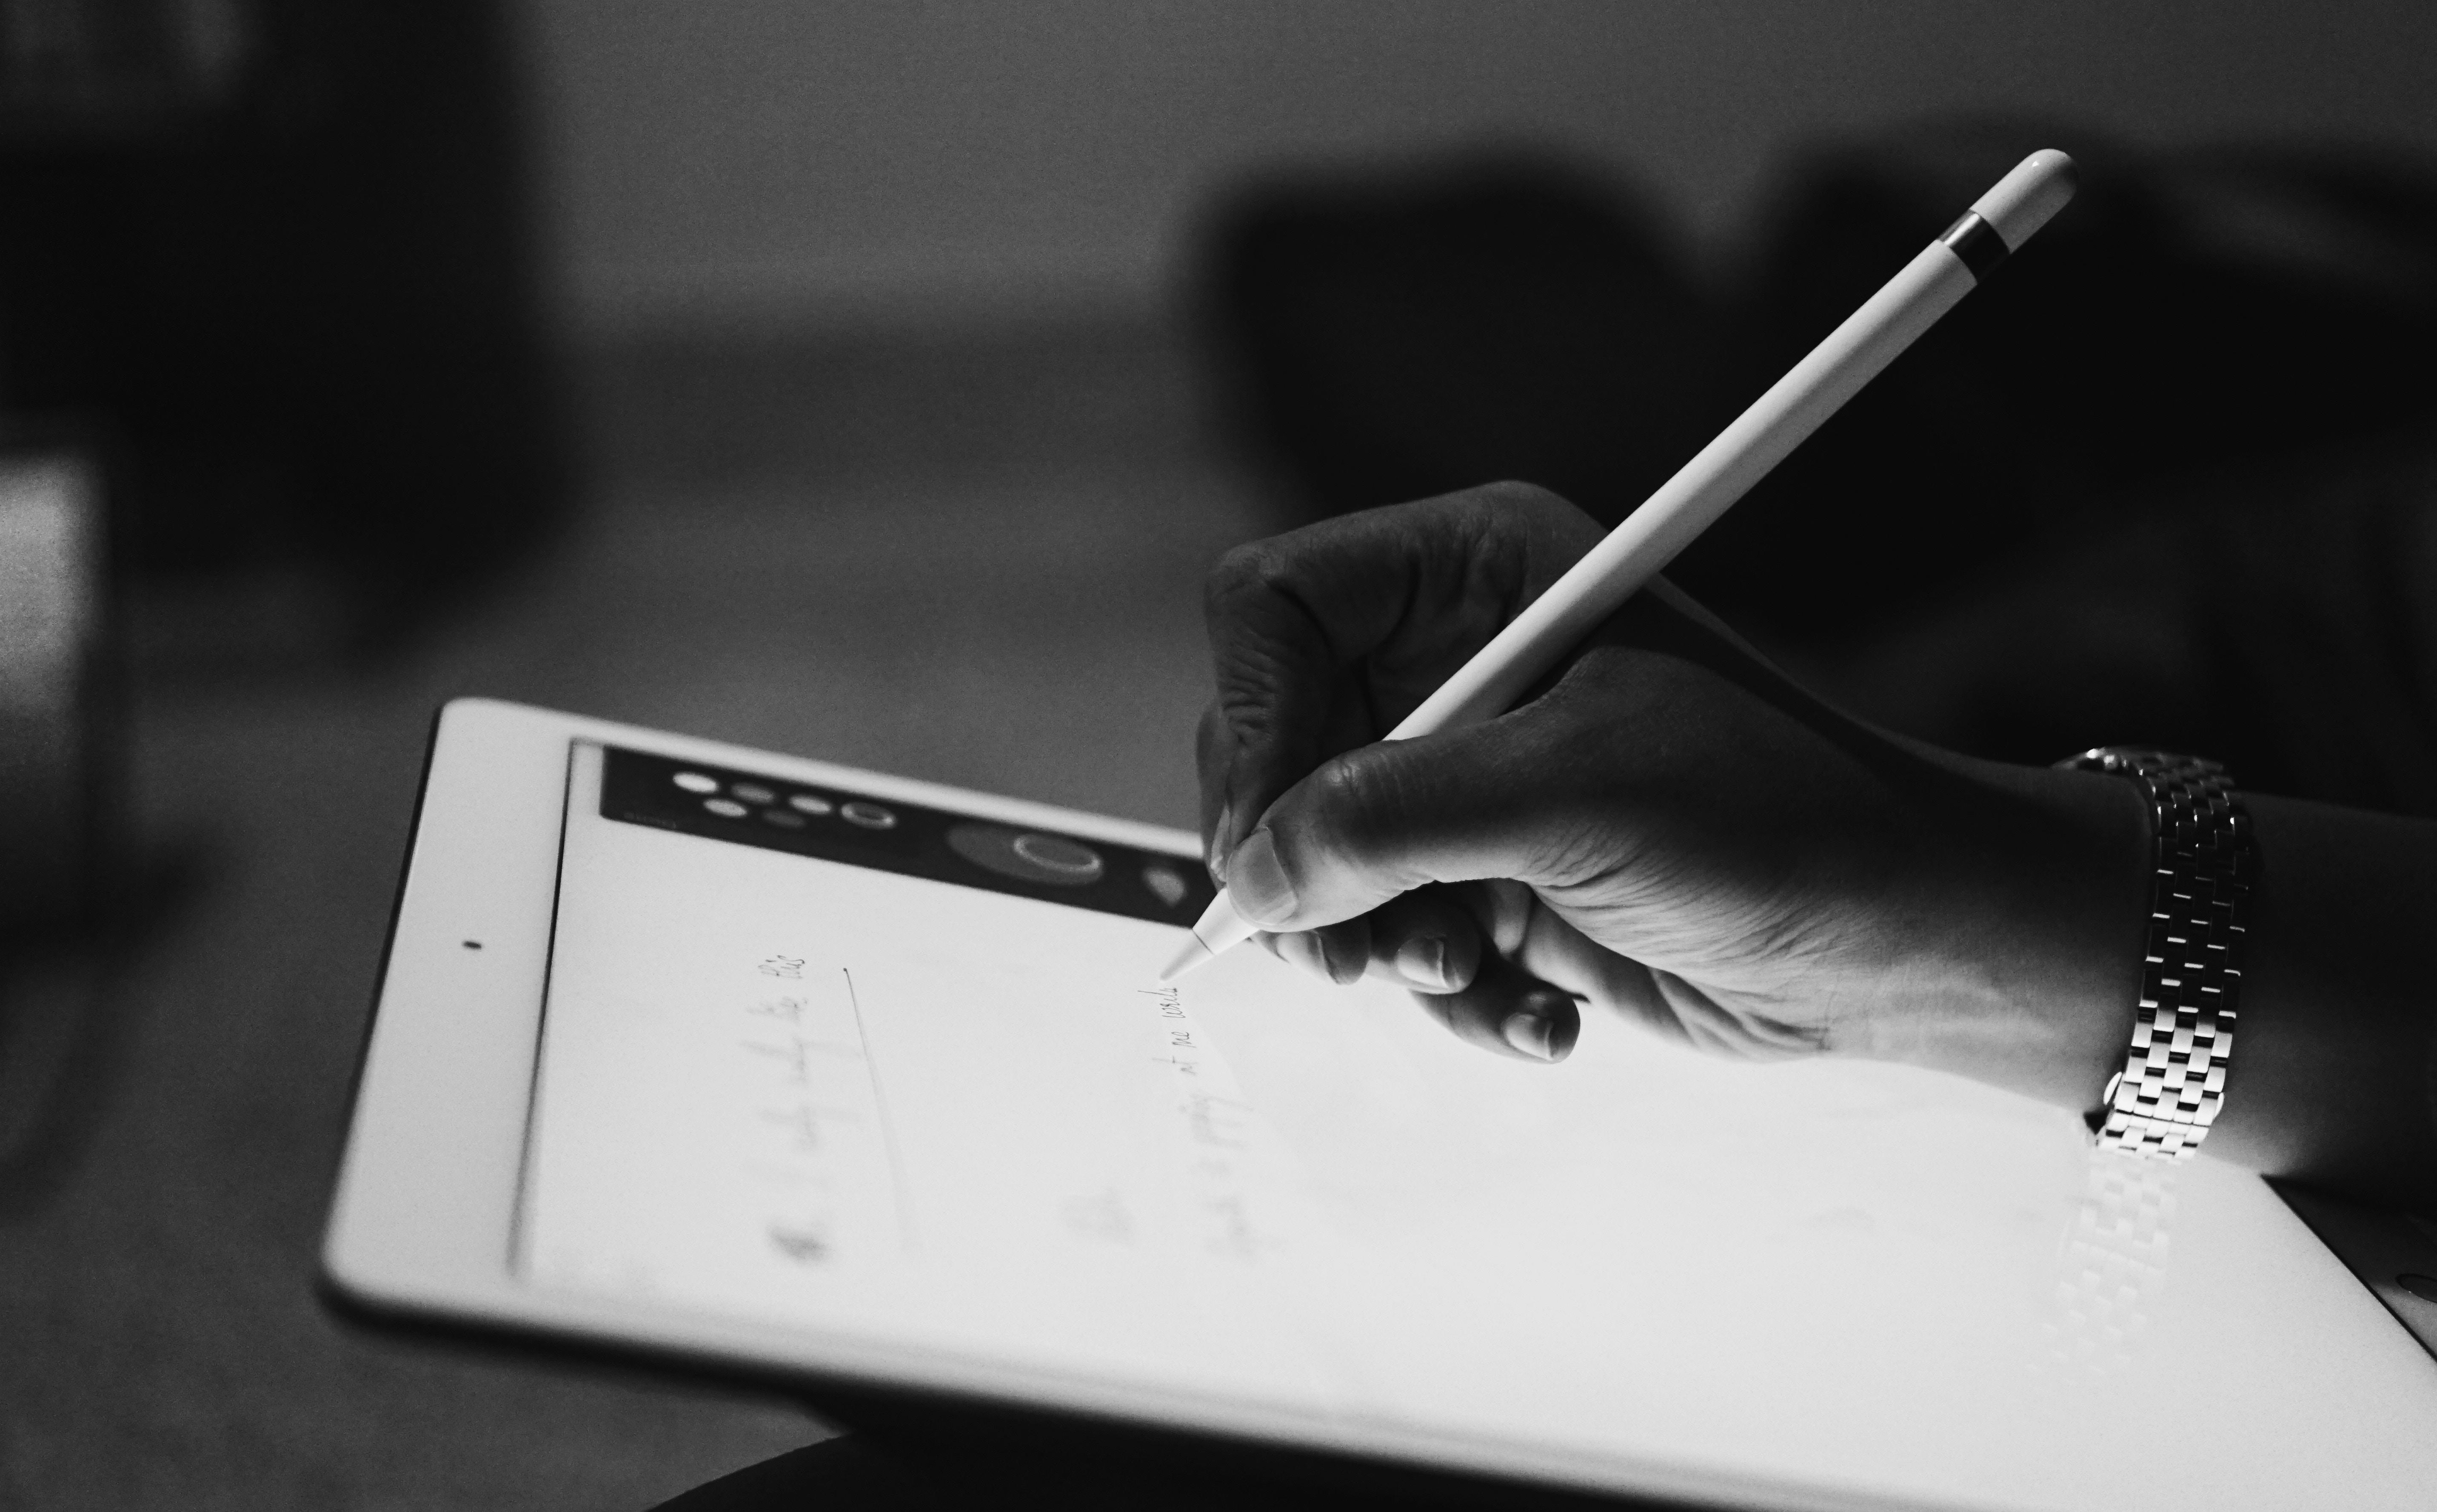 タブレットをペンで操作する